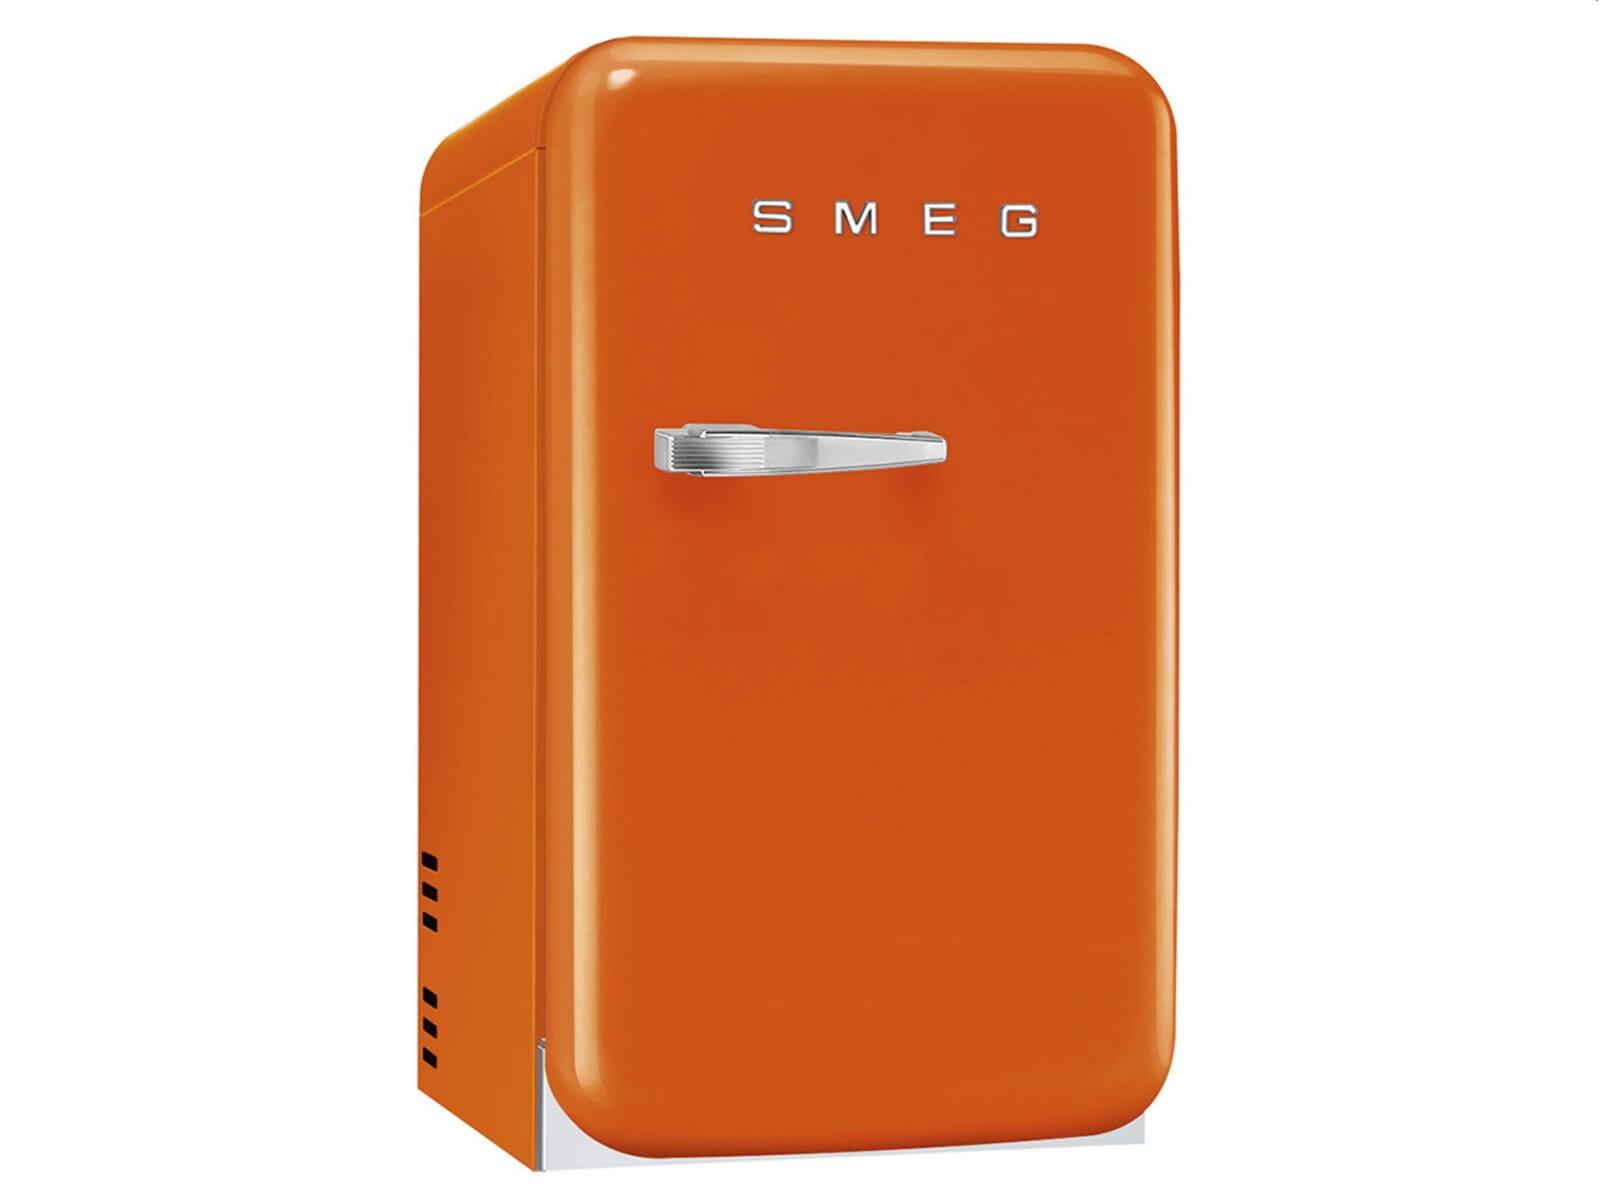 Gorenje Kühlschrank Macht Komische Geräusche : Smeg kühlschrank macht geräusche gorenje rb ox l